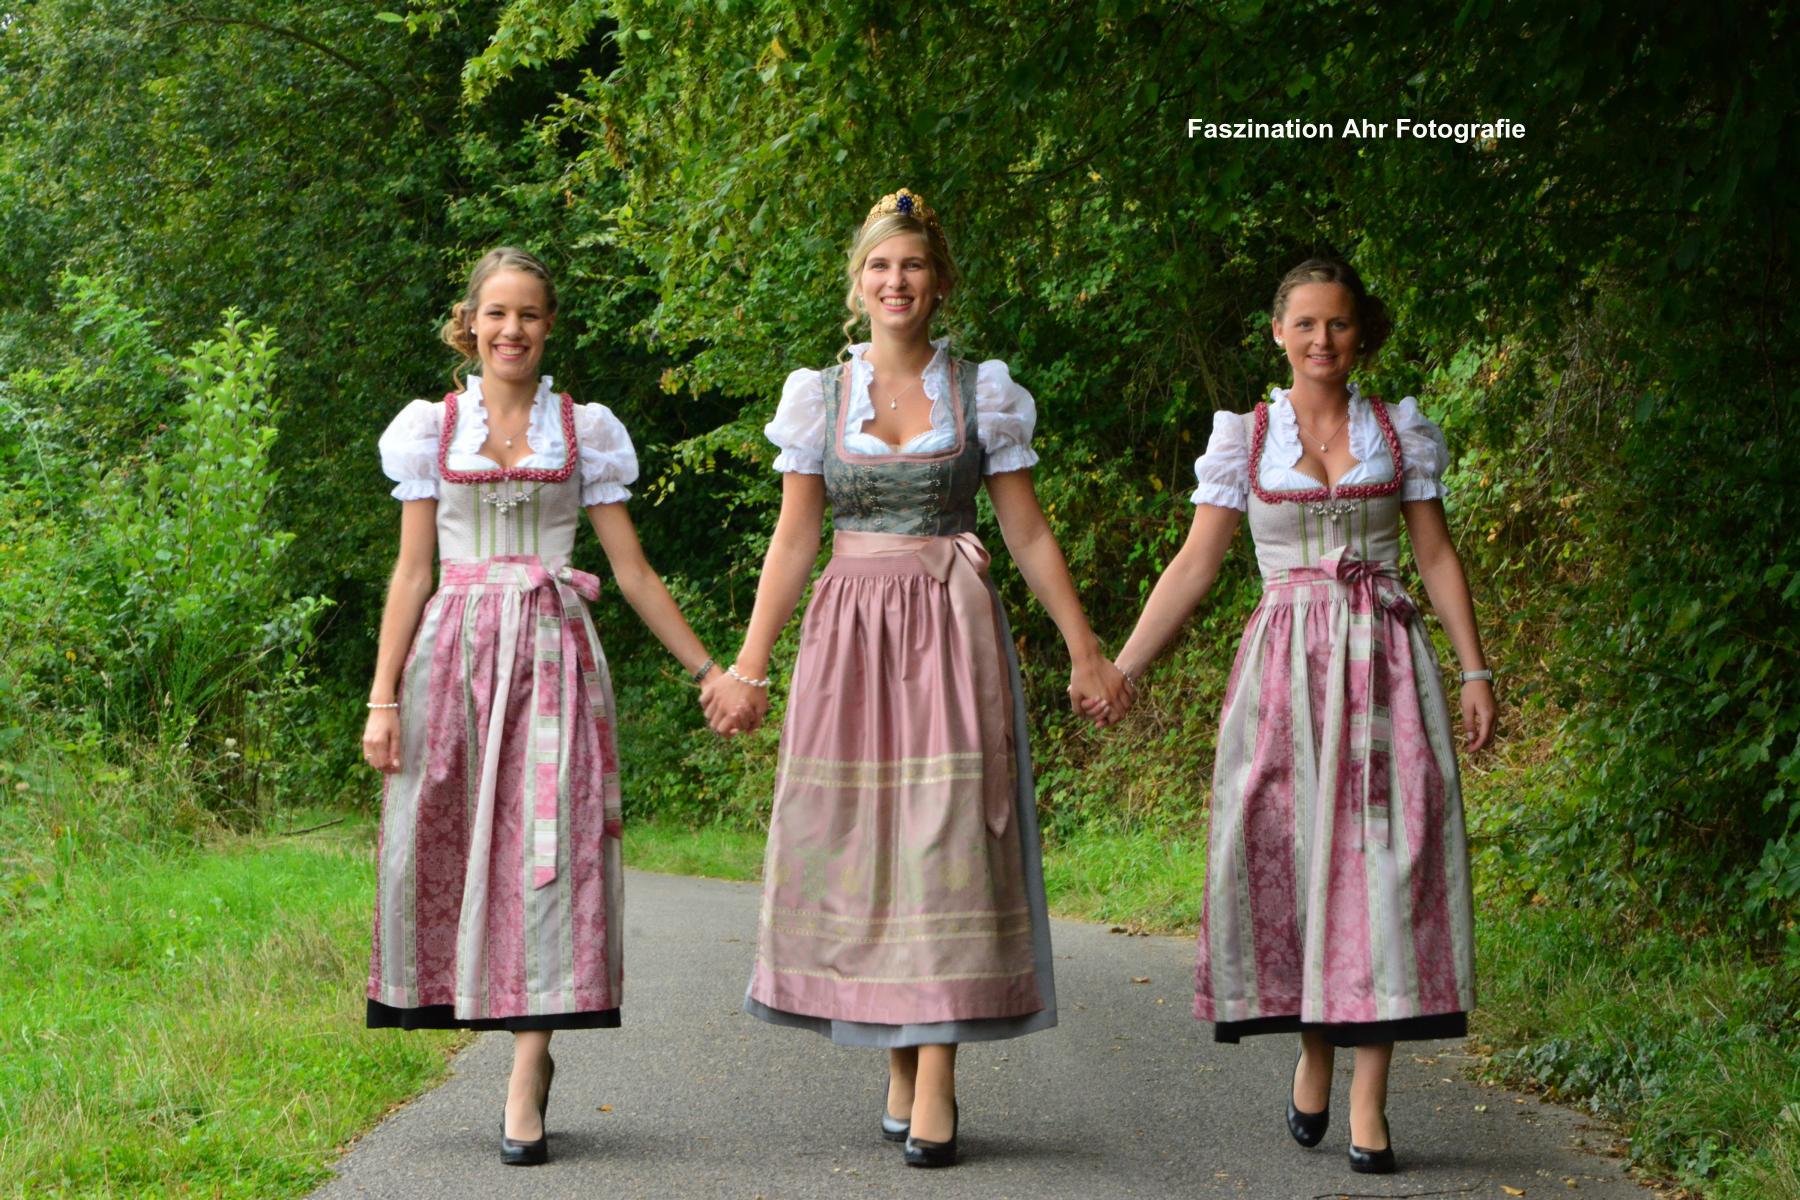 Dieses Bild sagt vieles über die Damen aus. Sie sind seit der Kindergartenzeit befreundet und gehen gemeinsam durchs Leben.